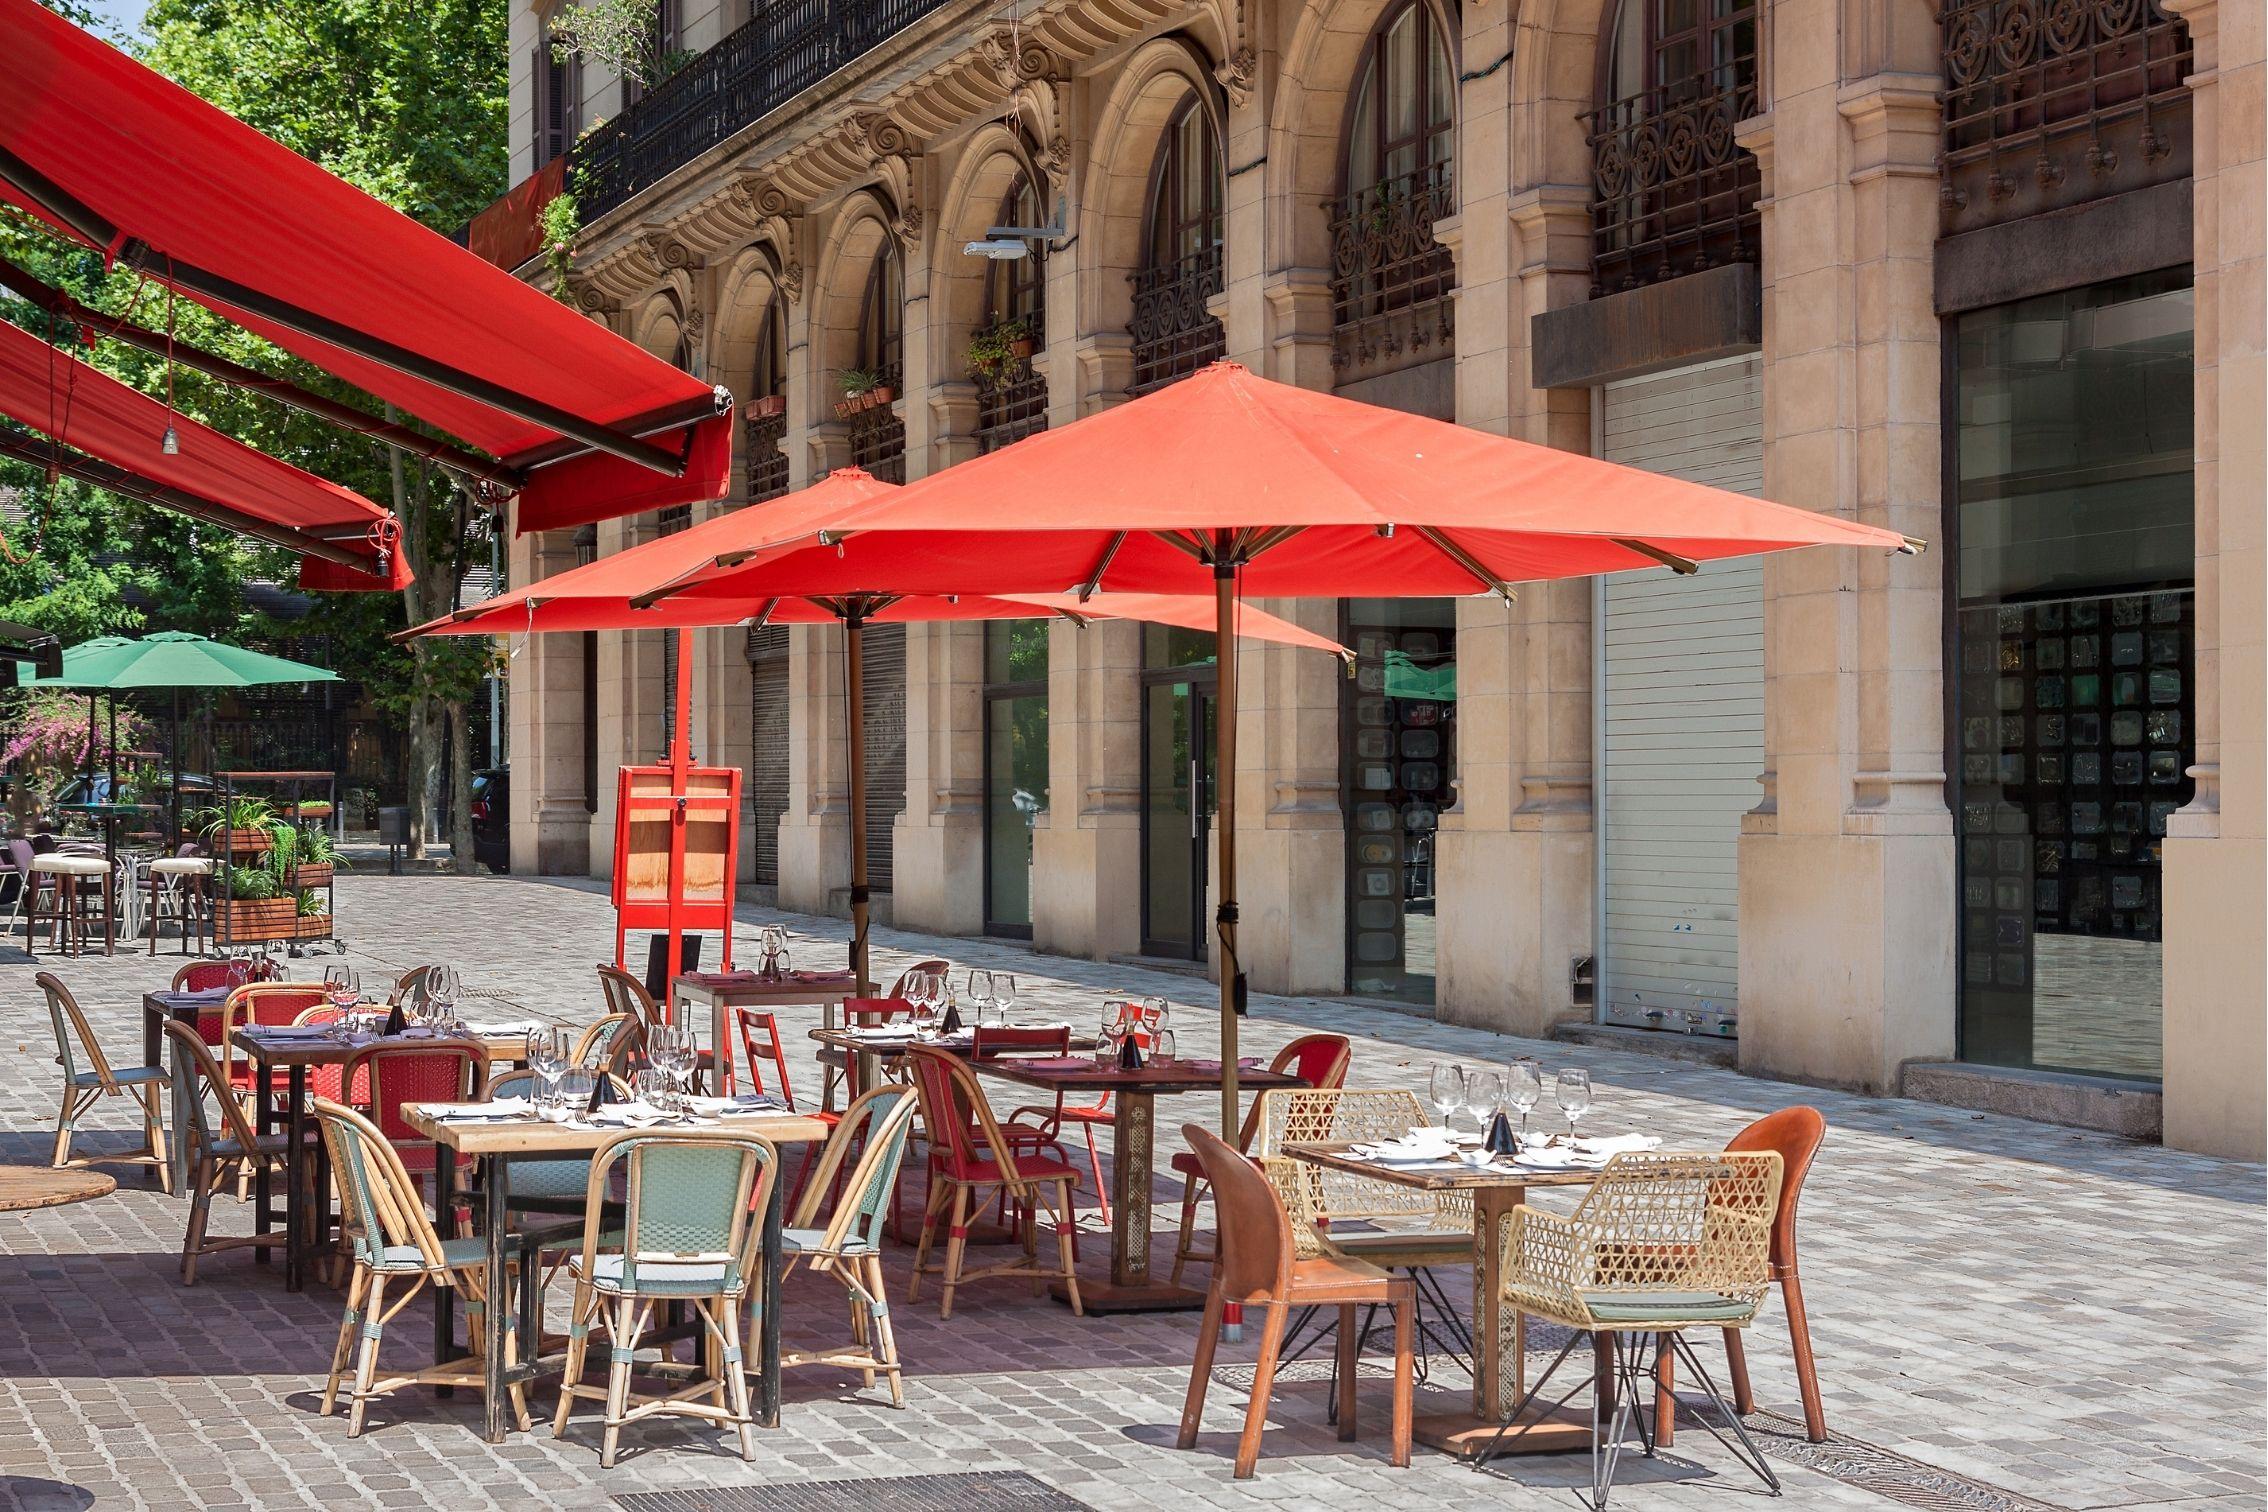 Restauration et hôtellerie : comment assurer une réouverture plus sereine ?